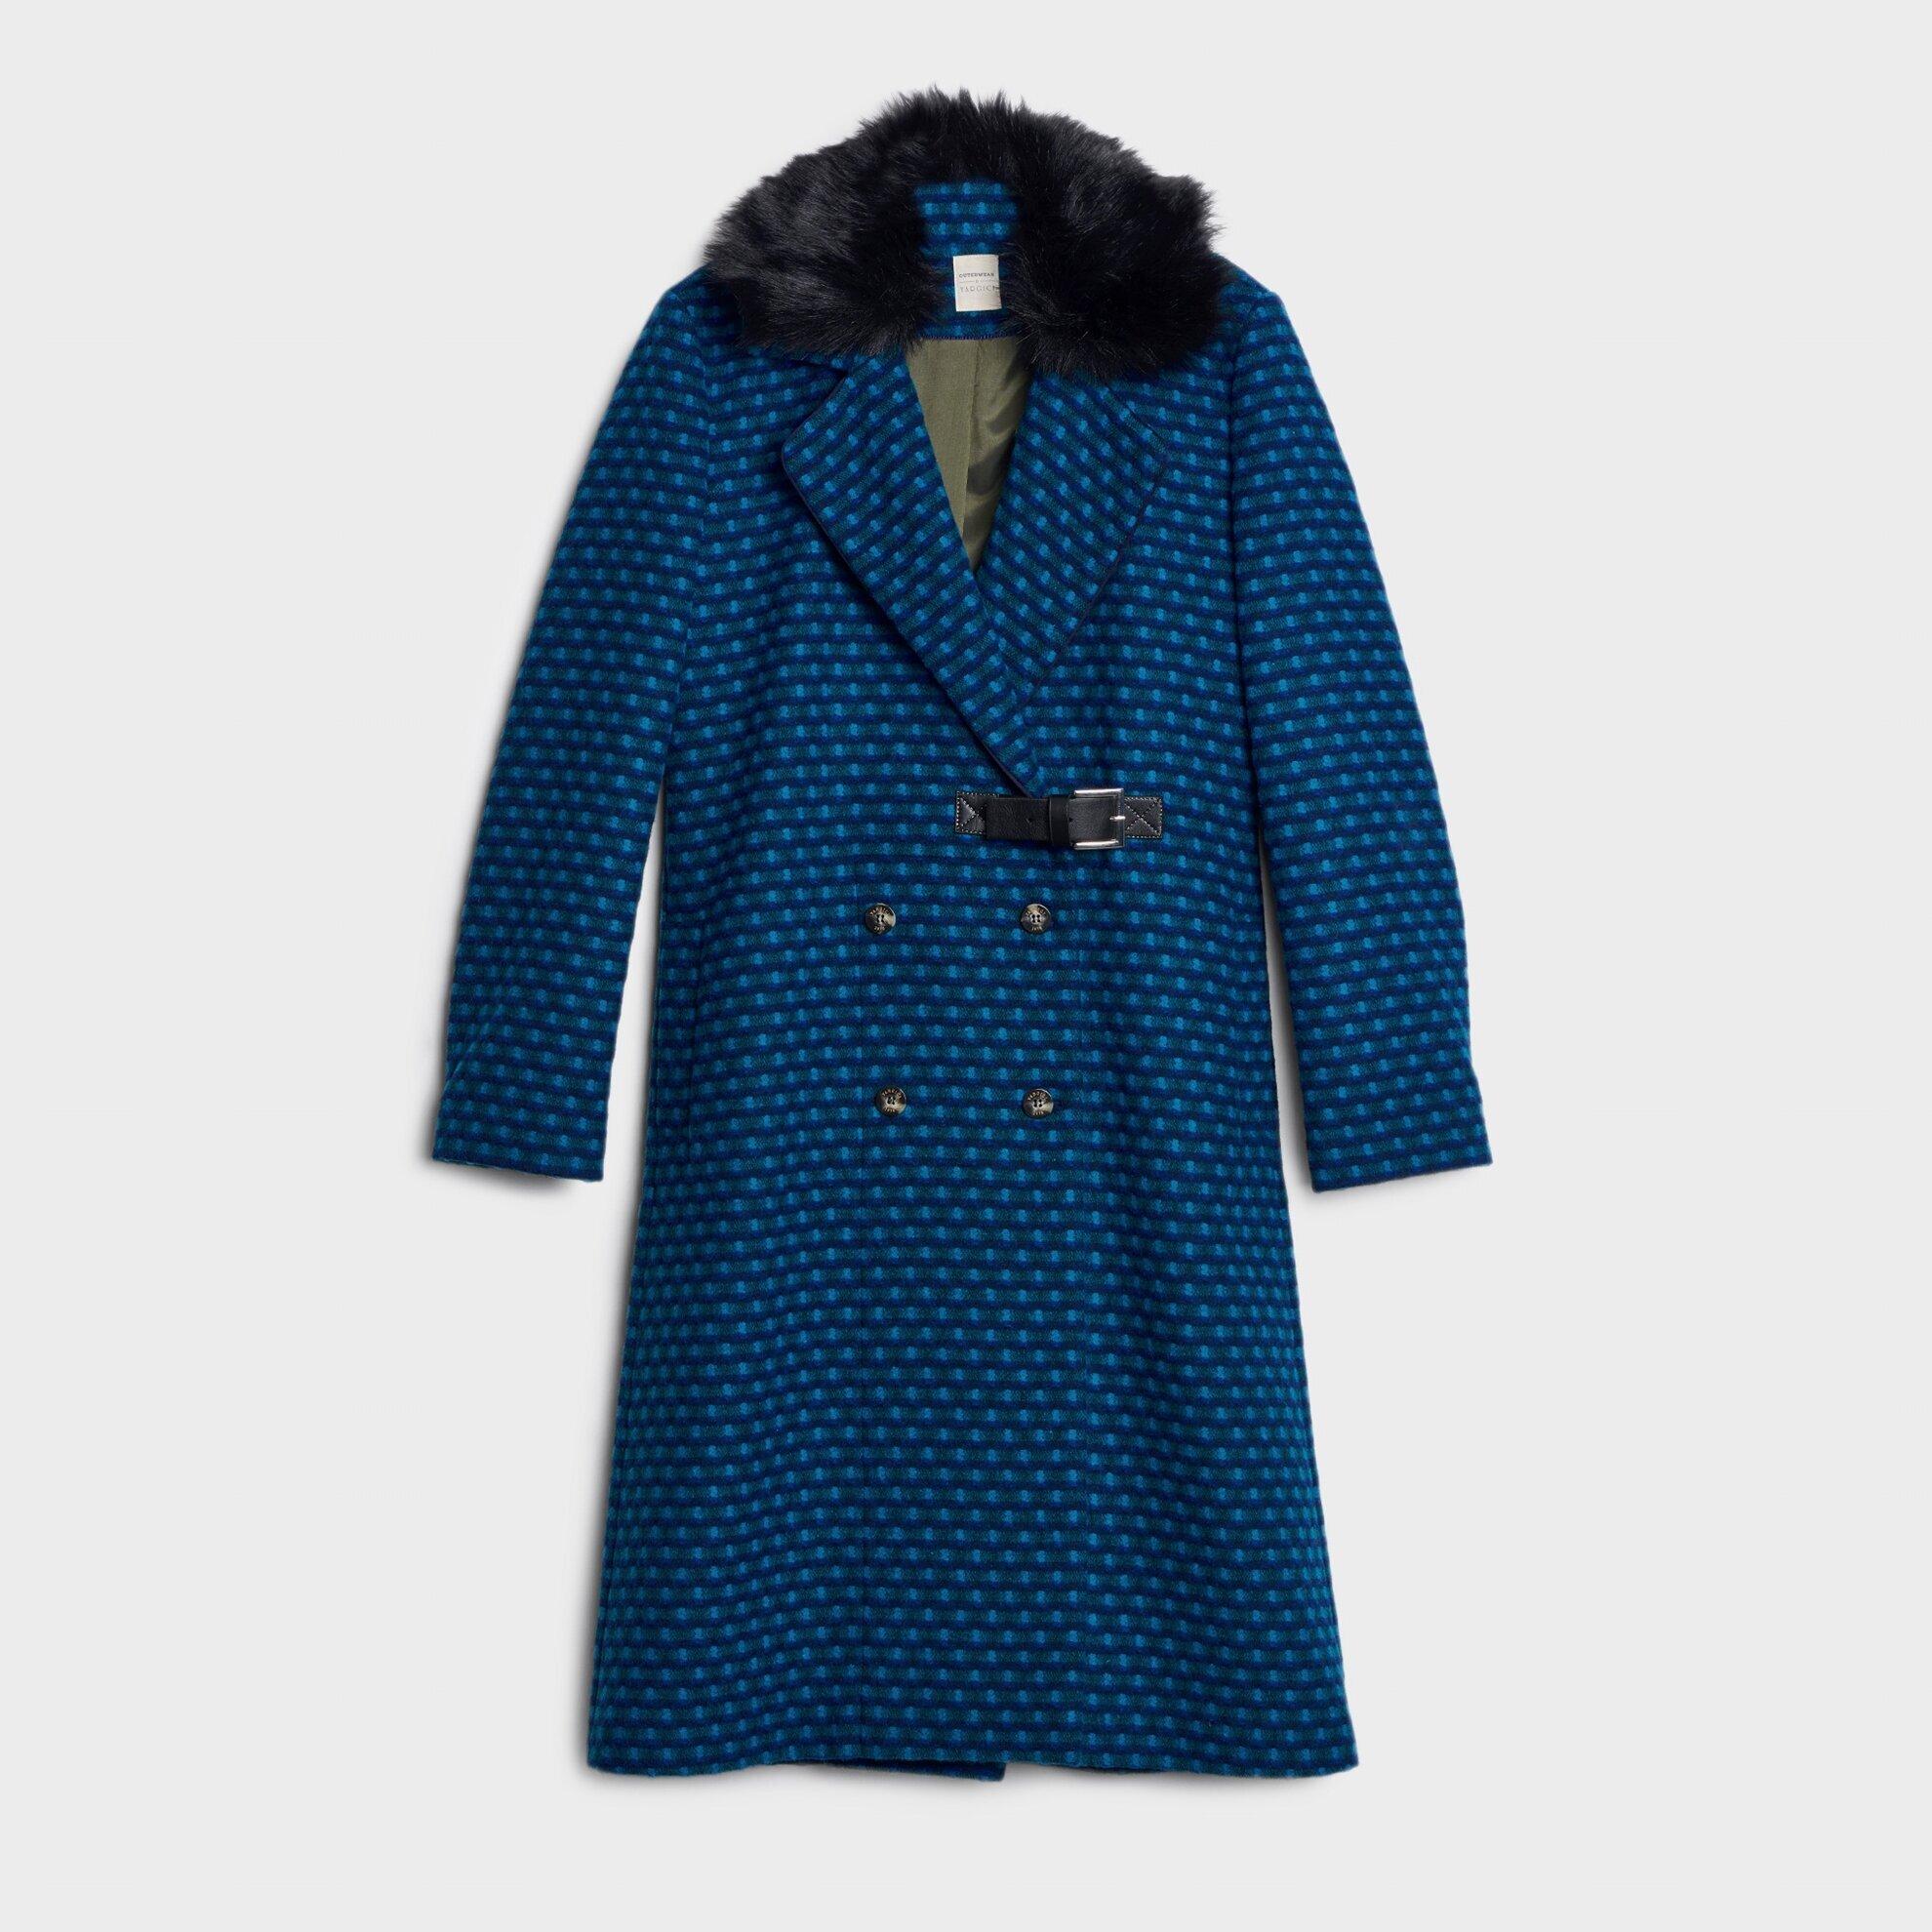 Kürk Detaylı Palto